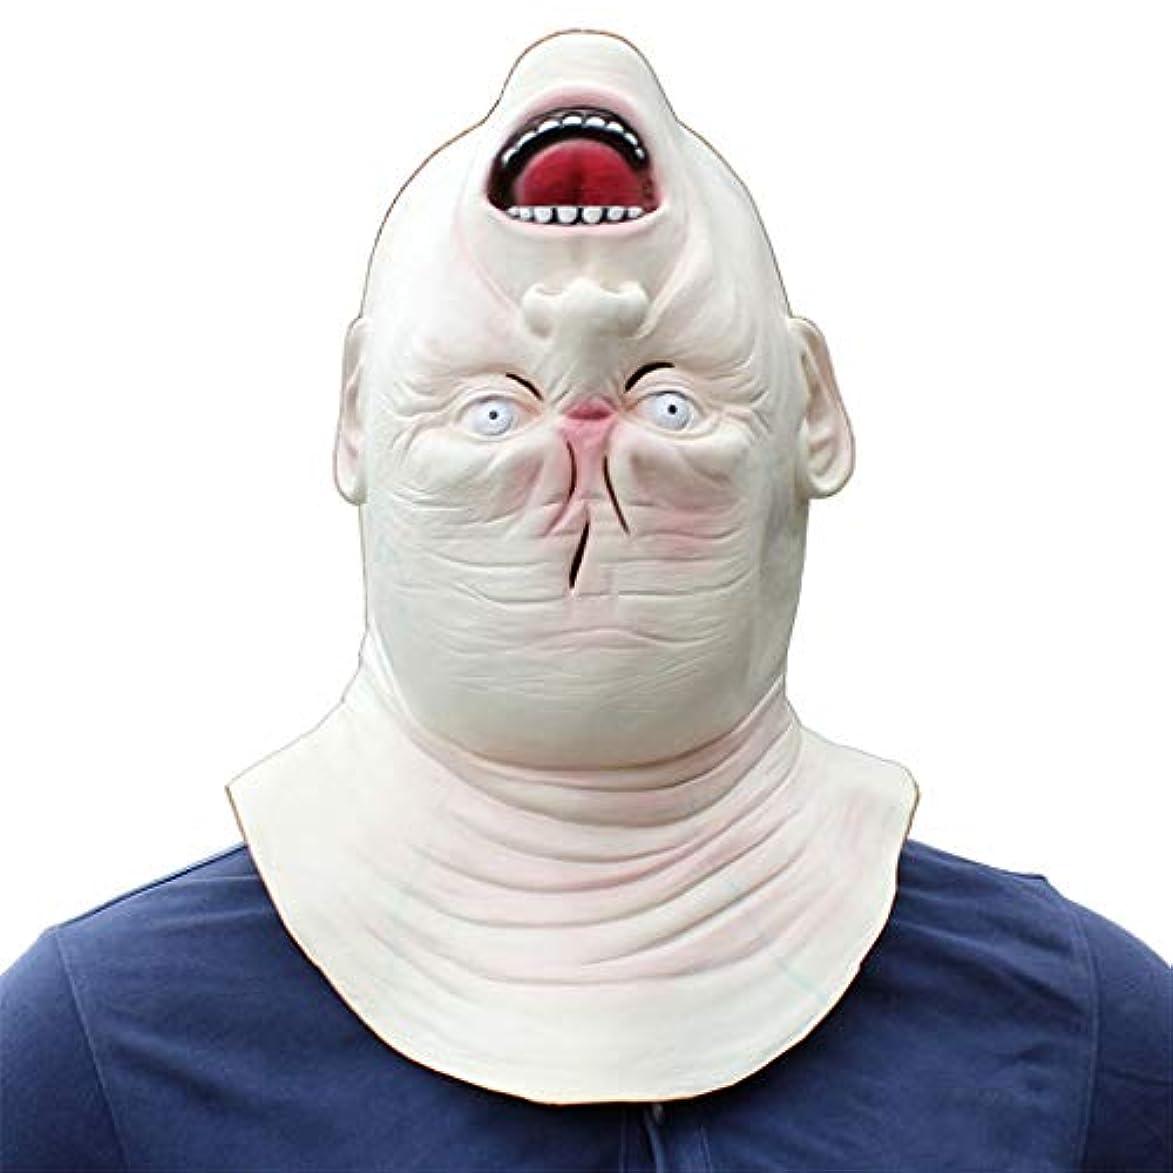 写真を撮る休憩ロッドハロウィーンマスク、面白い小道具、不気味なラテックスコスチュームパーティーの現実的なヘッドマスク、ハロウィーン、イースター